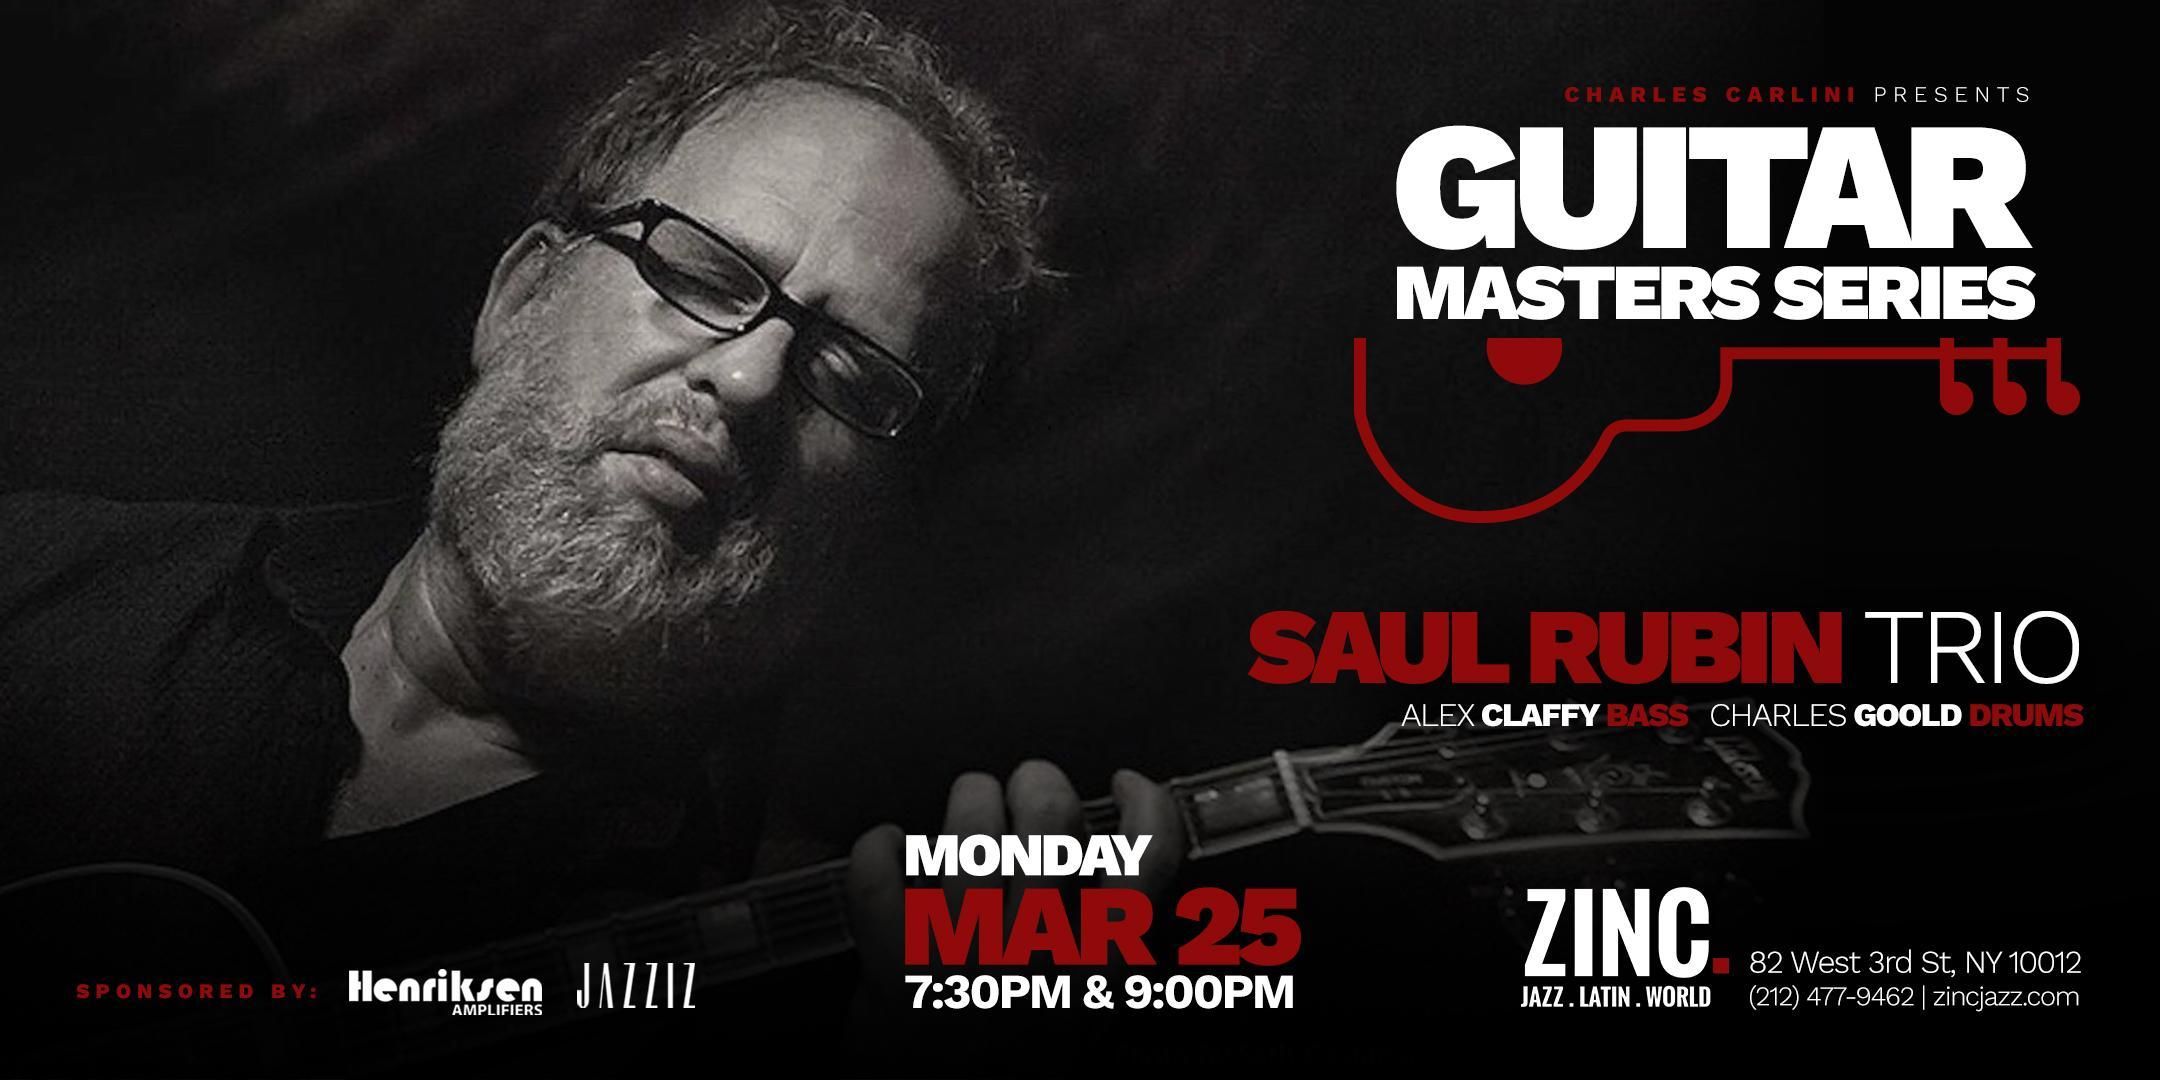 Guitar Masters Series: Saul Rubin Trio